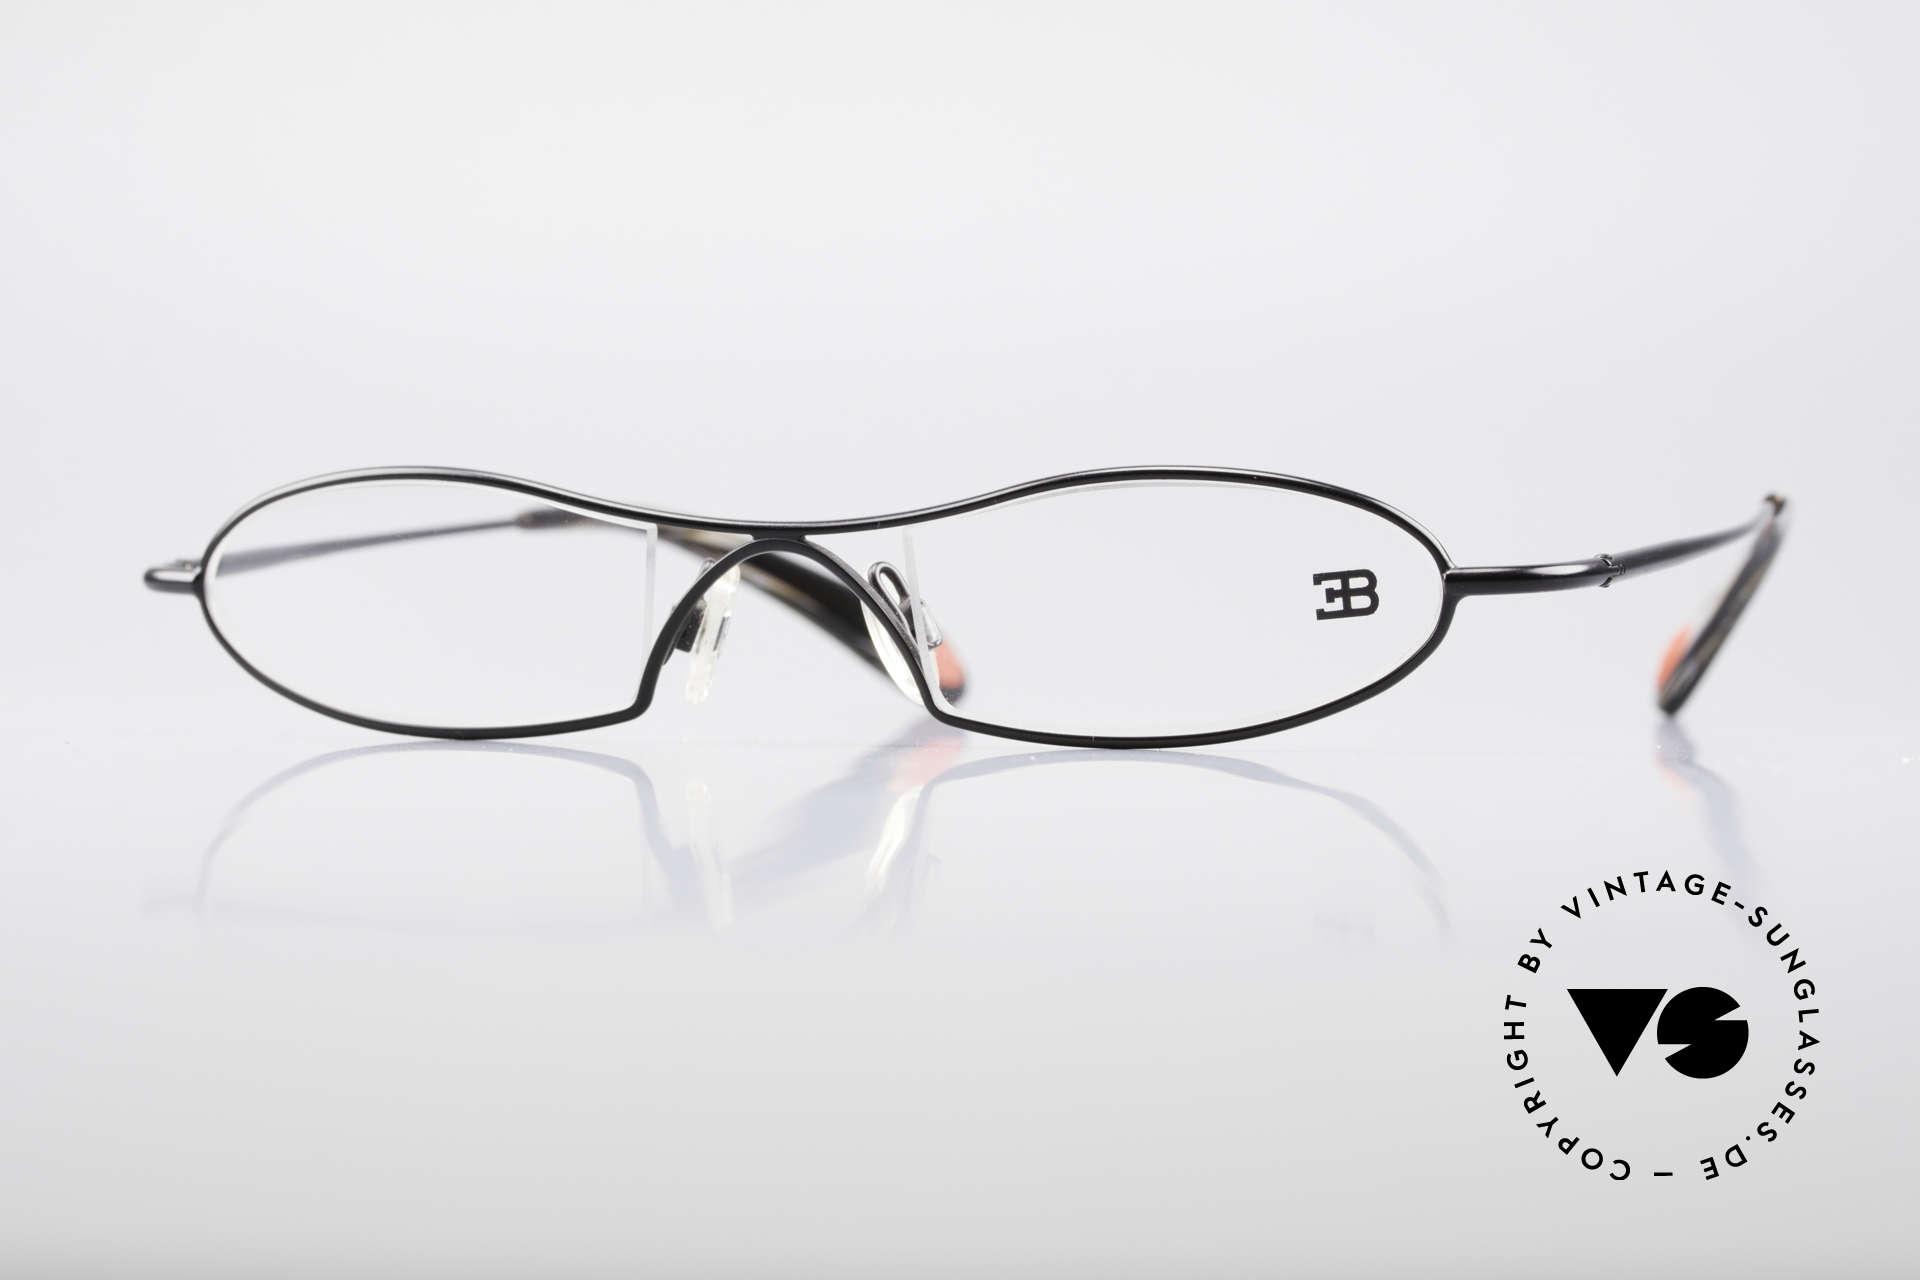 Bugatti 347 Odotype Kleine Herren Designer Brille, ORIGINAL high-tech Bugatti Brillenfasssung, Passend für Herren